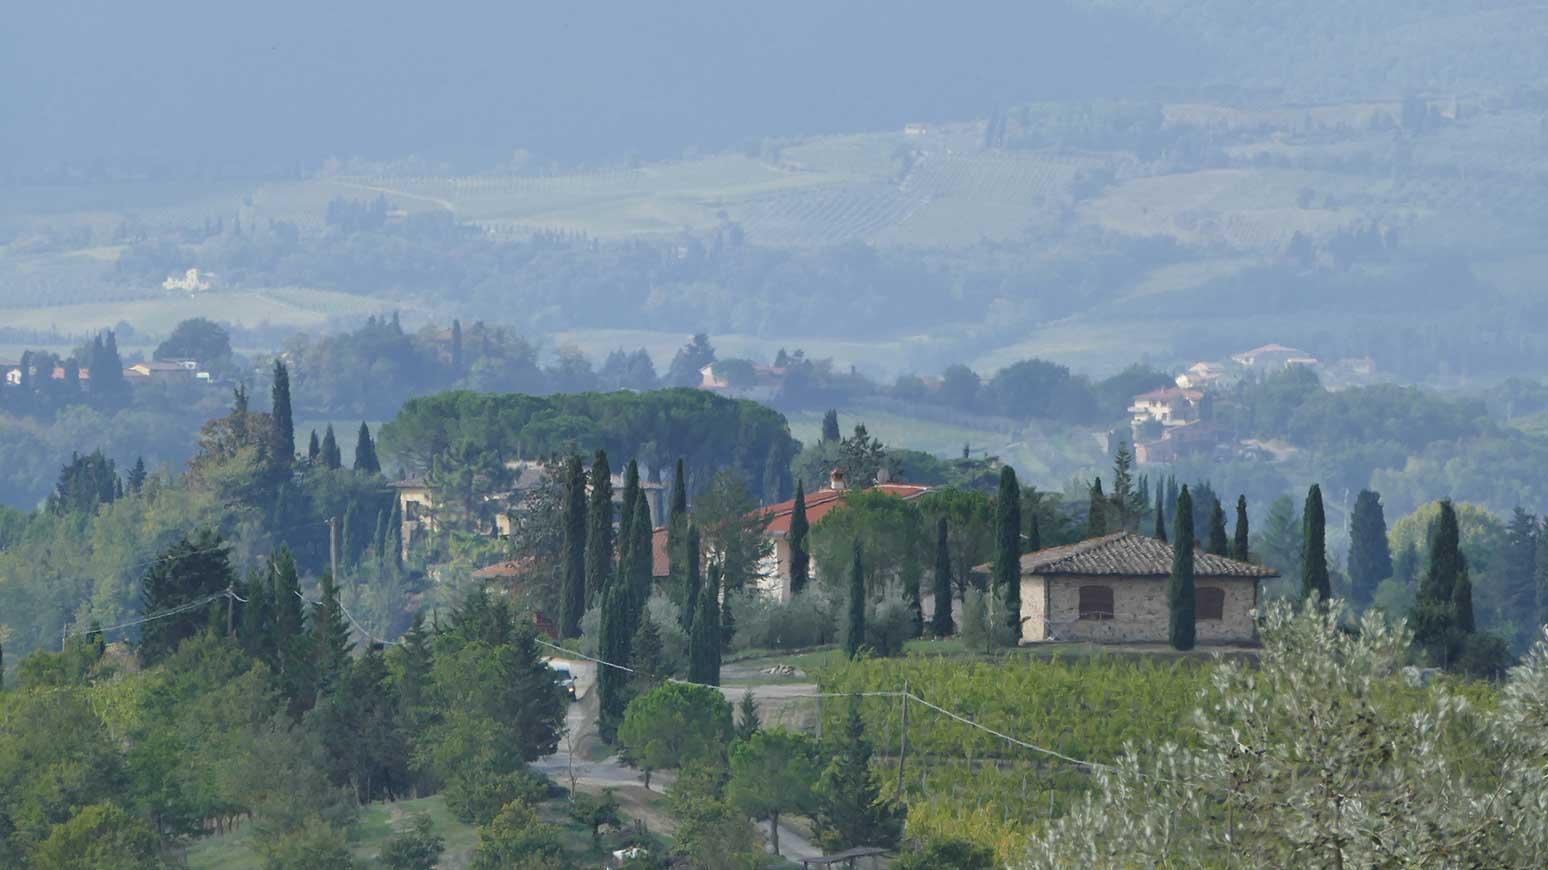 So schöne Motive ... werden auch Sie fotografieren können - hier eines von einem Teilnehmer der letztjährigen Toskana Radreise.